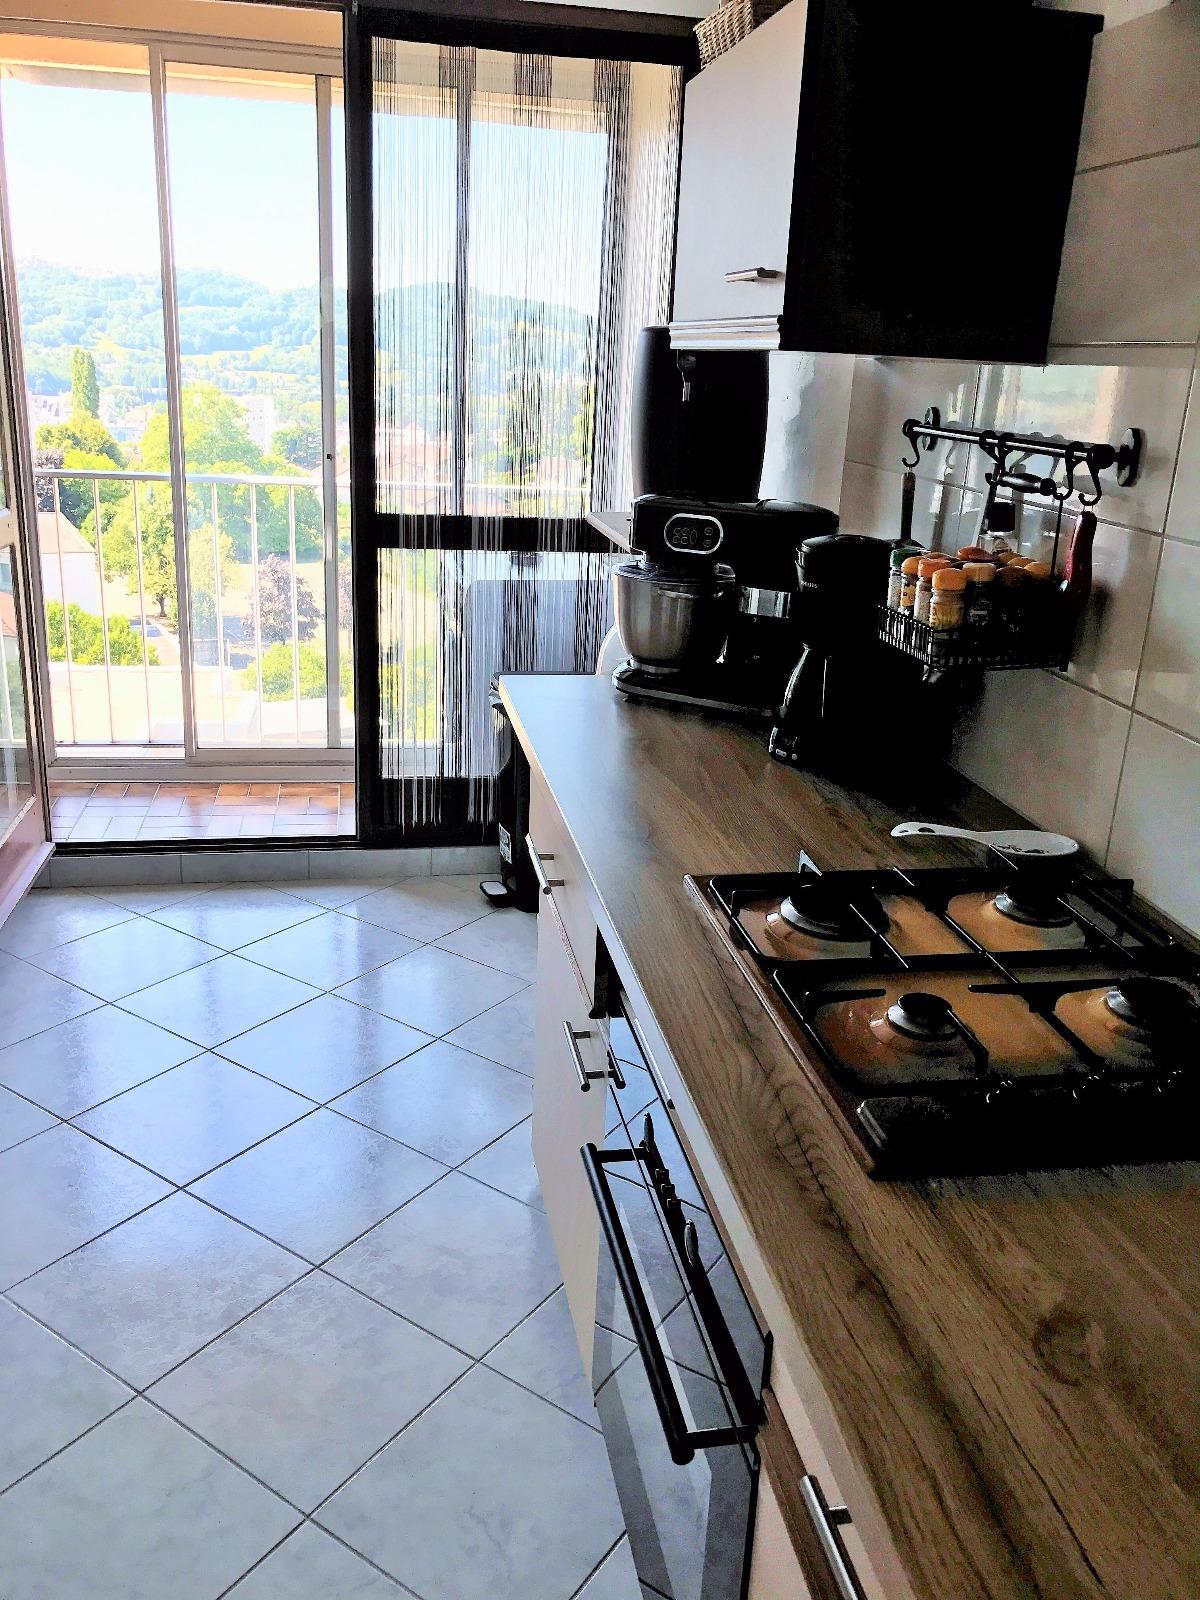 Lons Le Saunier 39000 Vends Appartement Type 4 De 86m